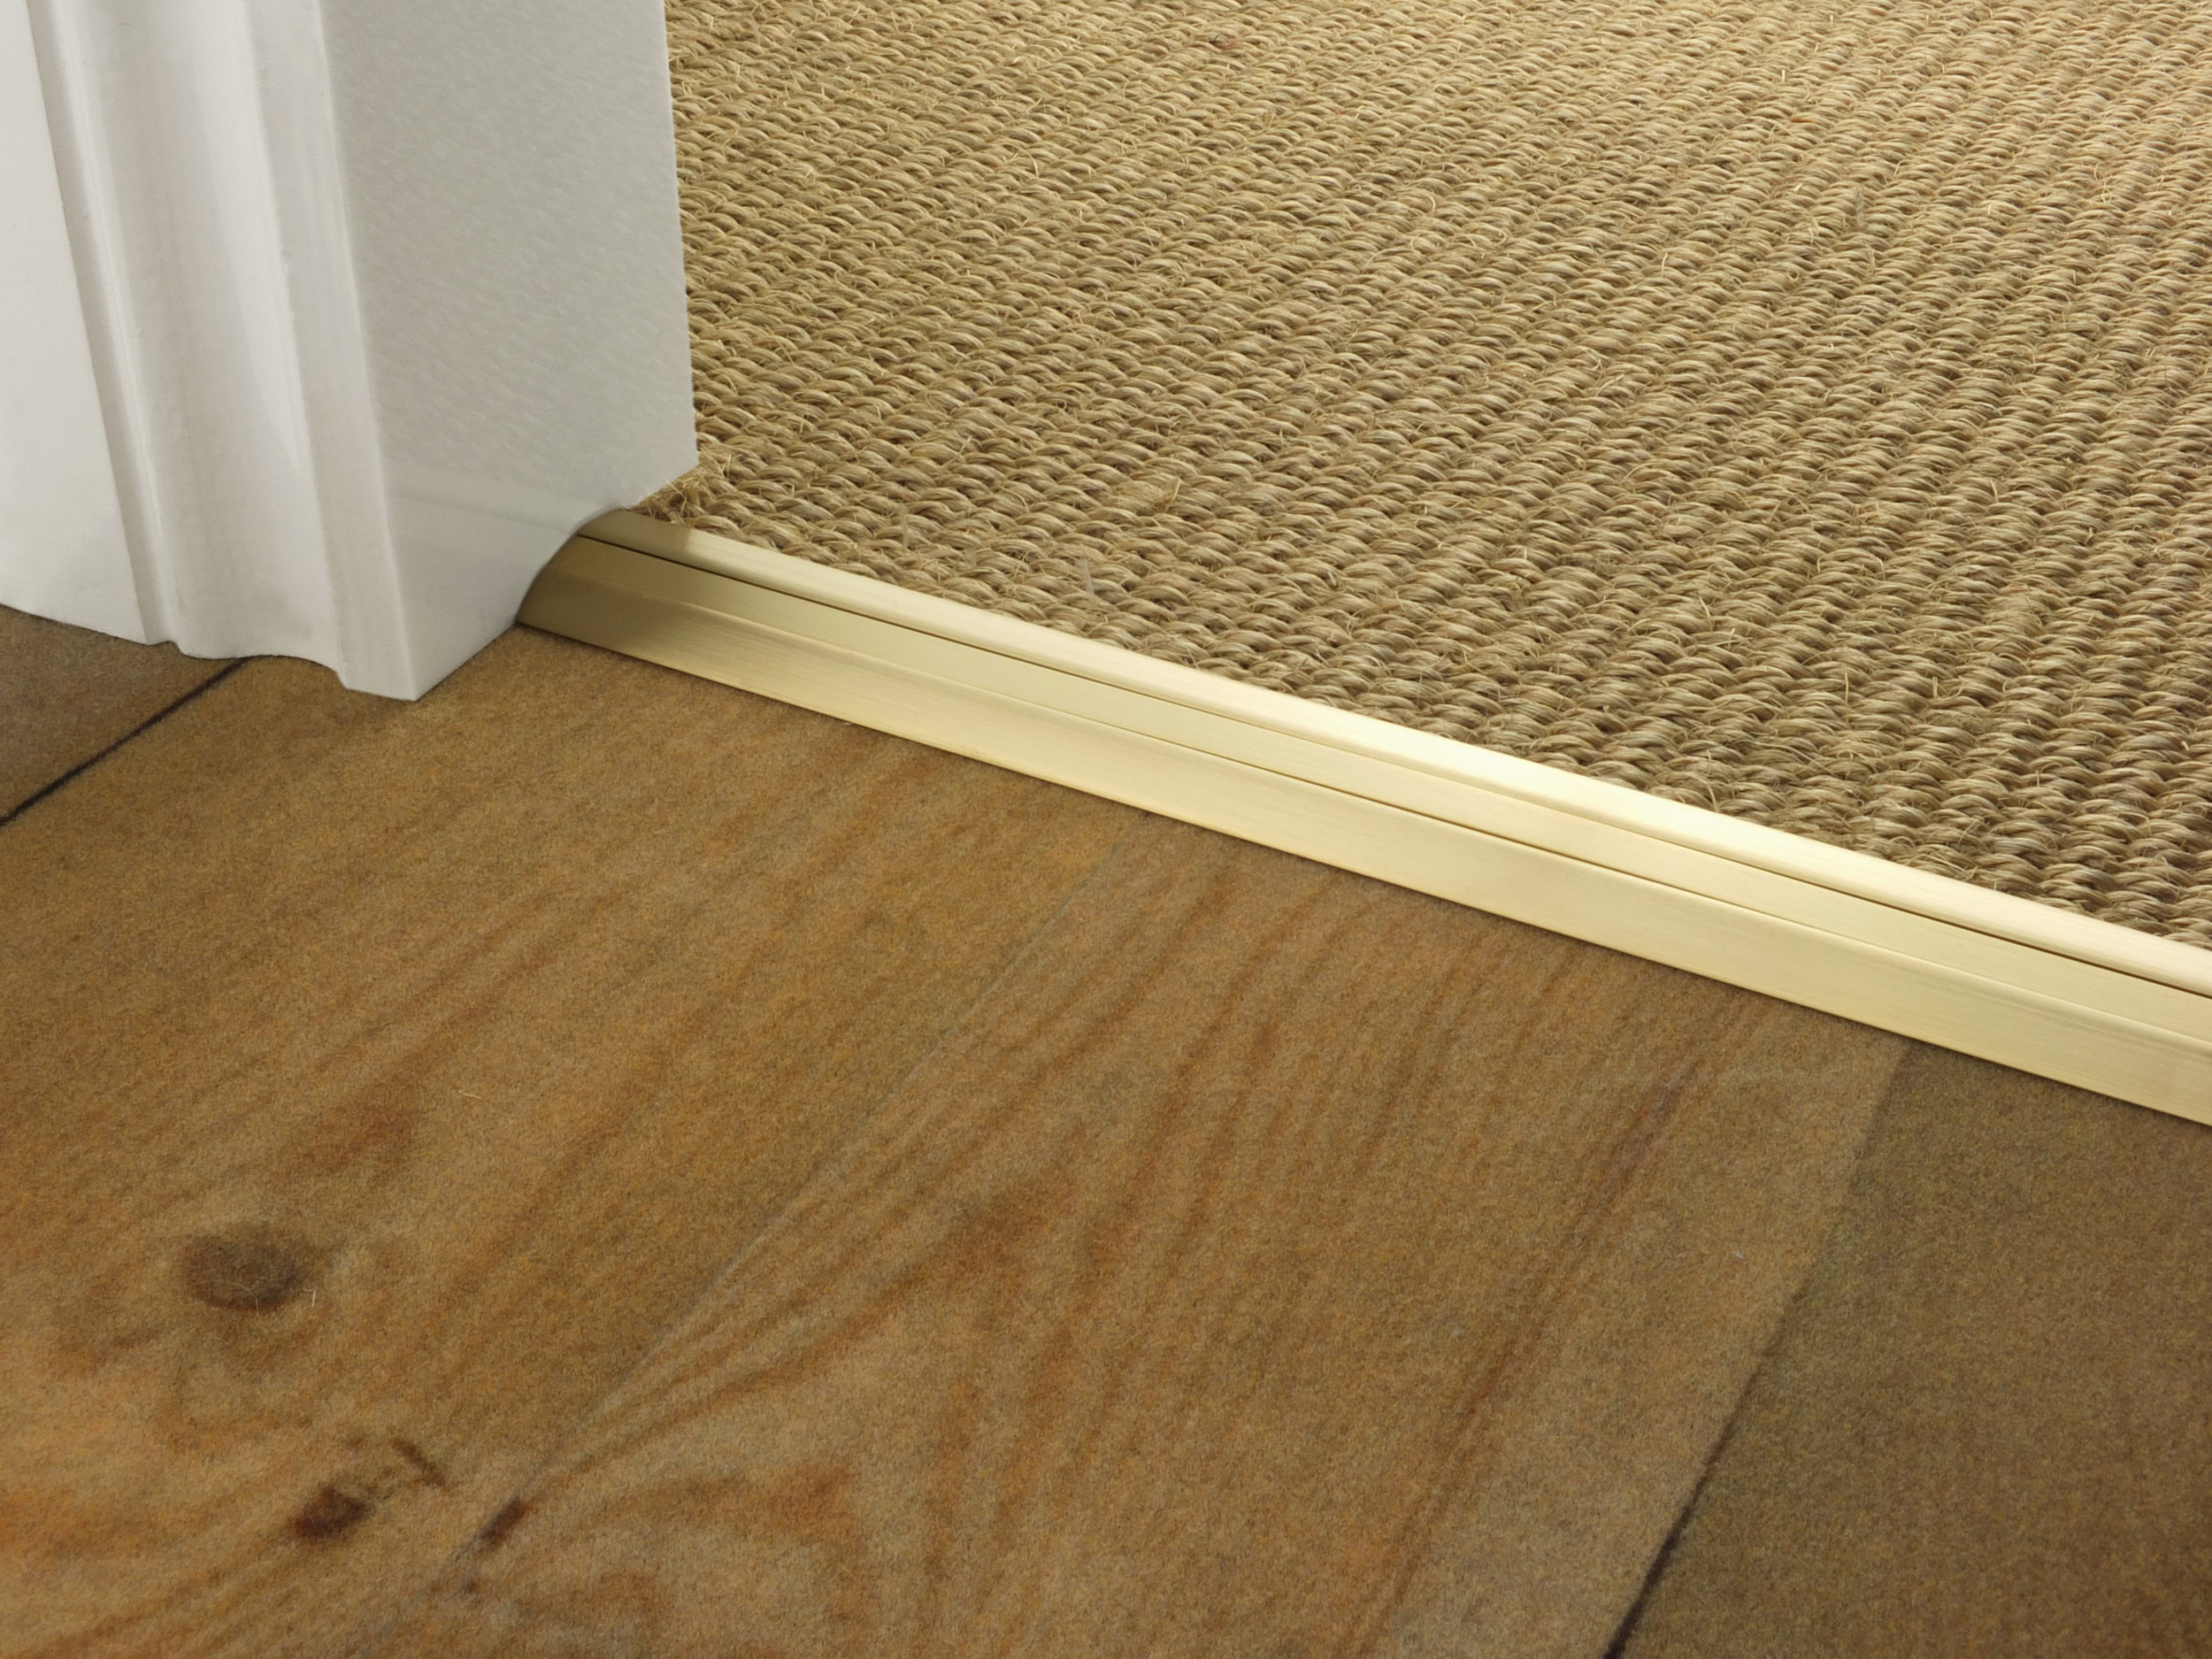 stairrods-doorbar-satin-brass-posh-30-CTC.jpg